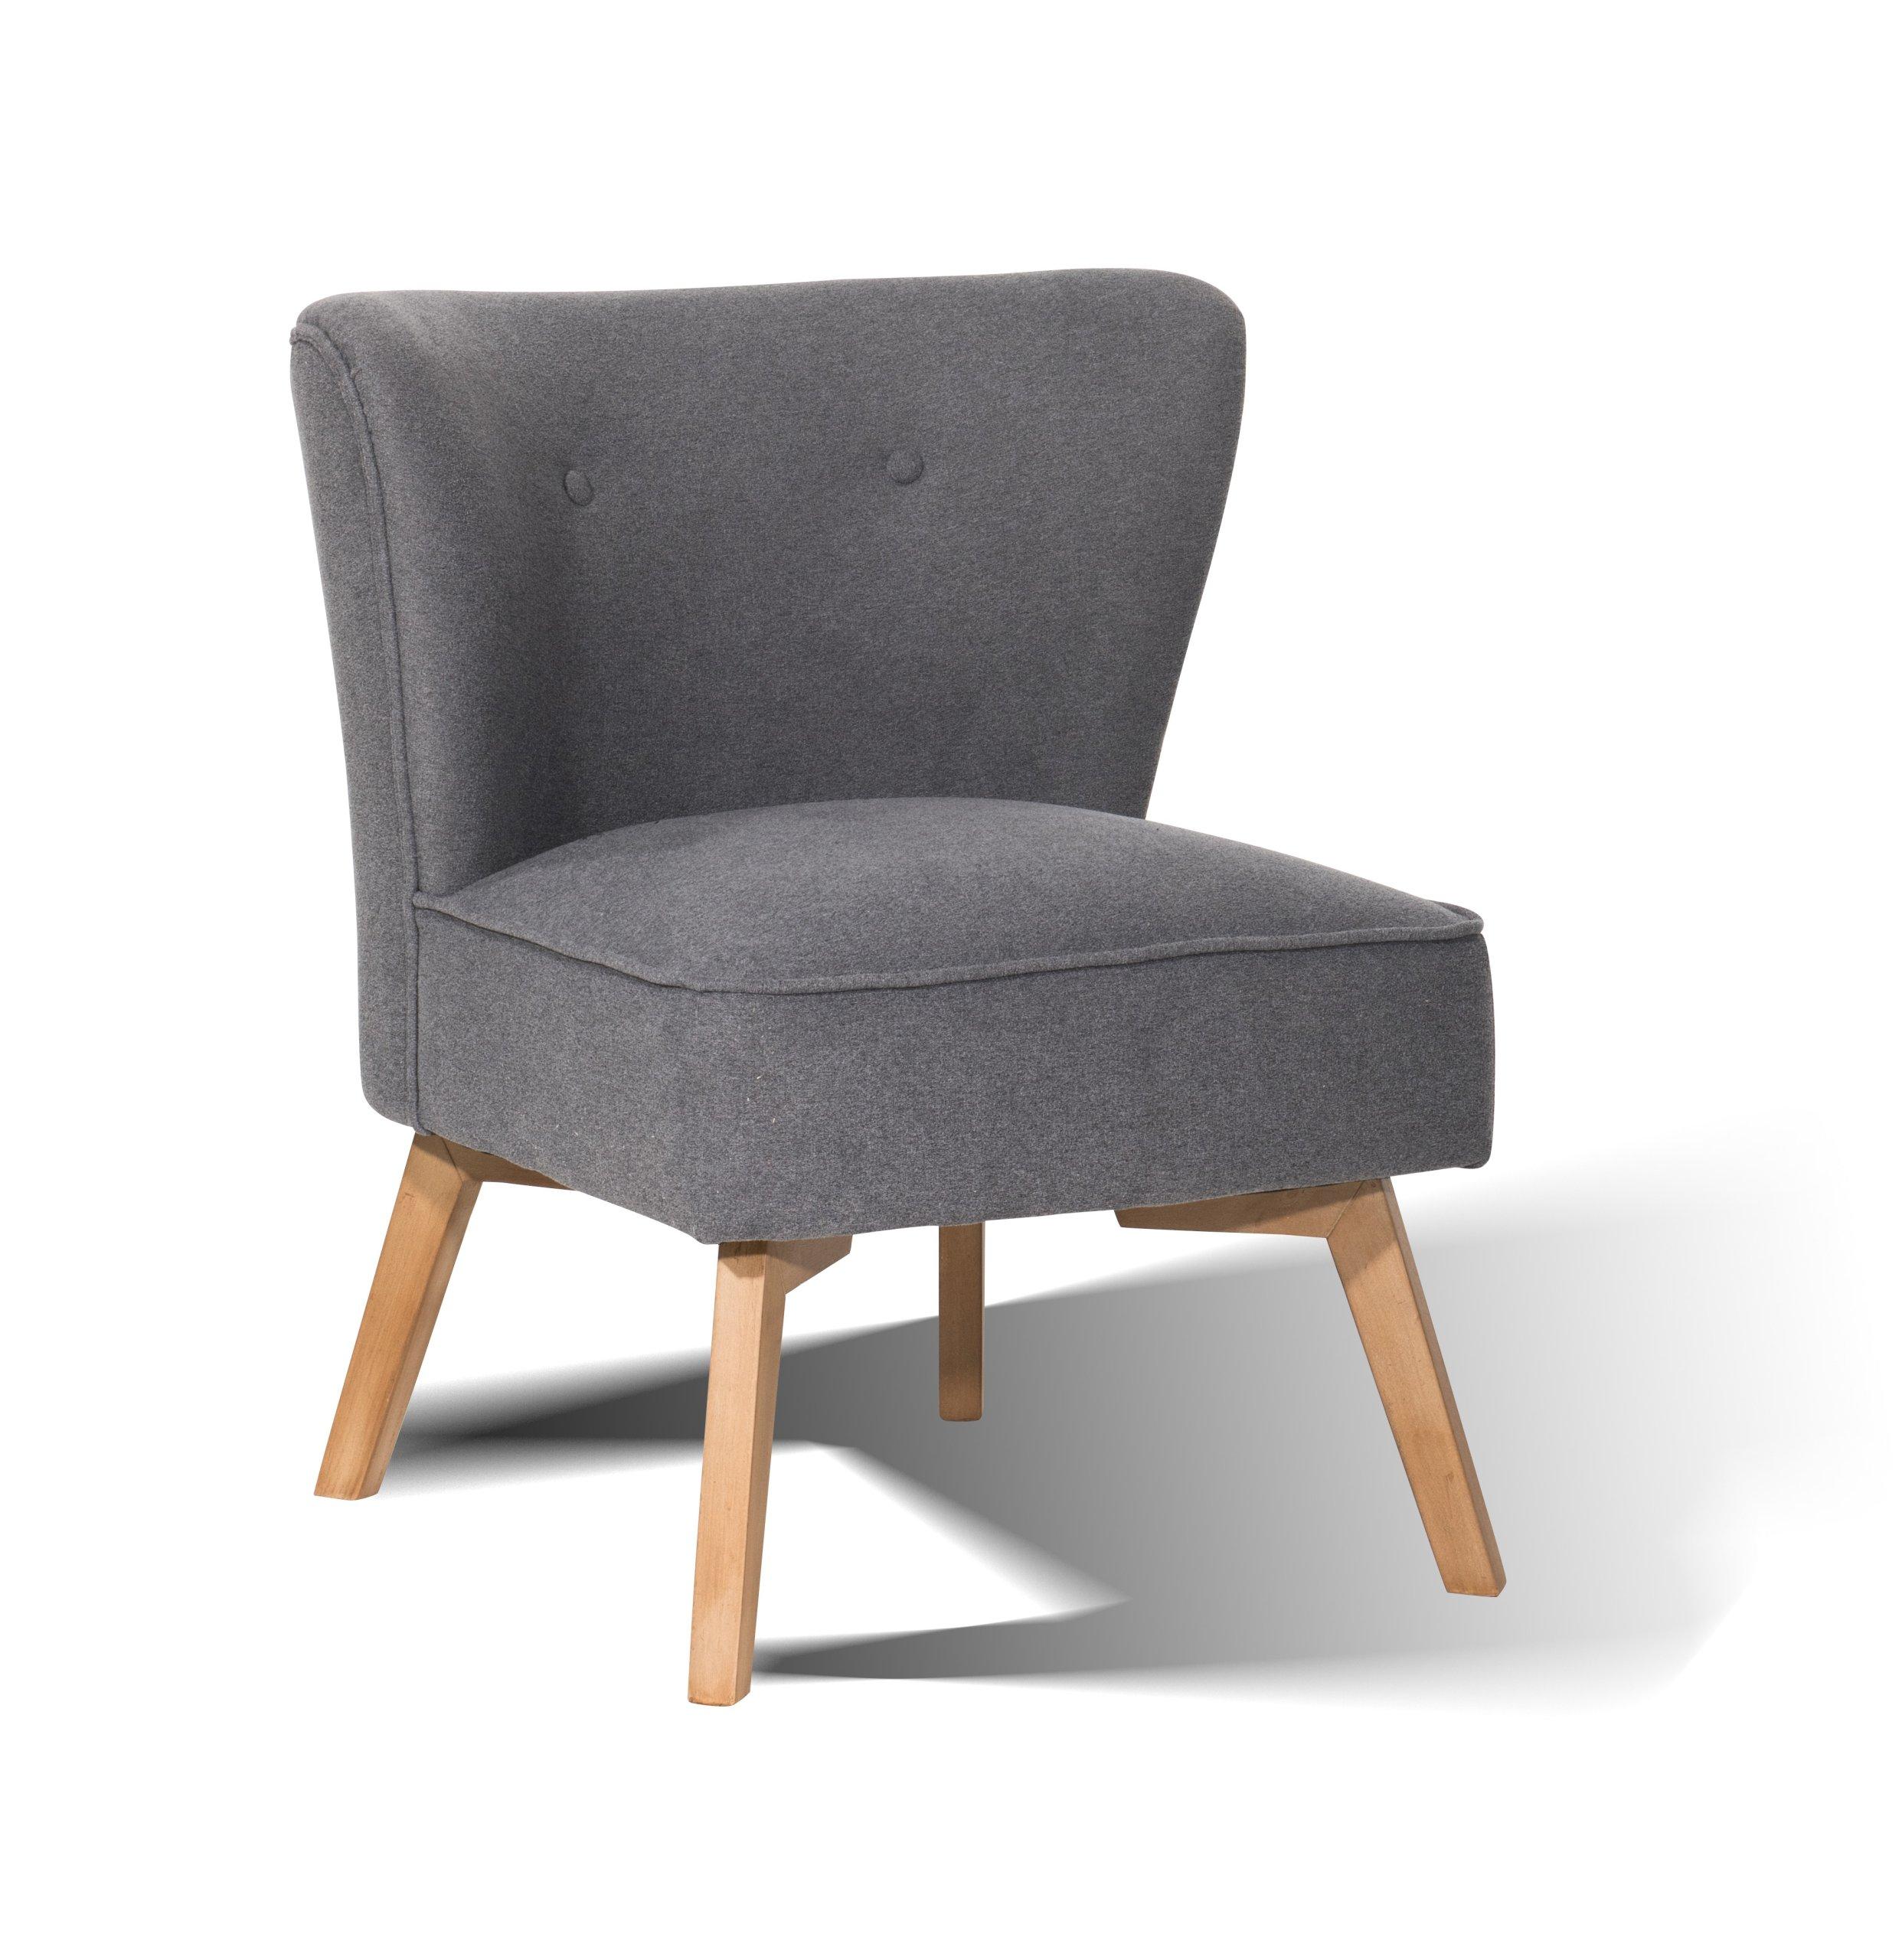 Stolička čalúnená Vintage štýl, šedá dreva